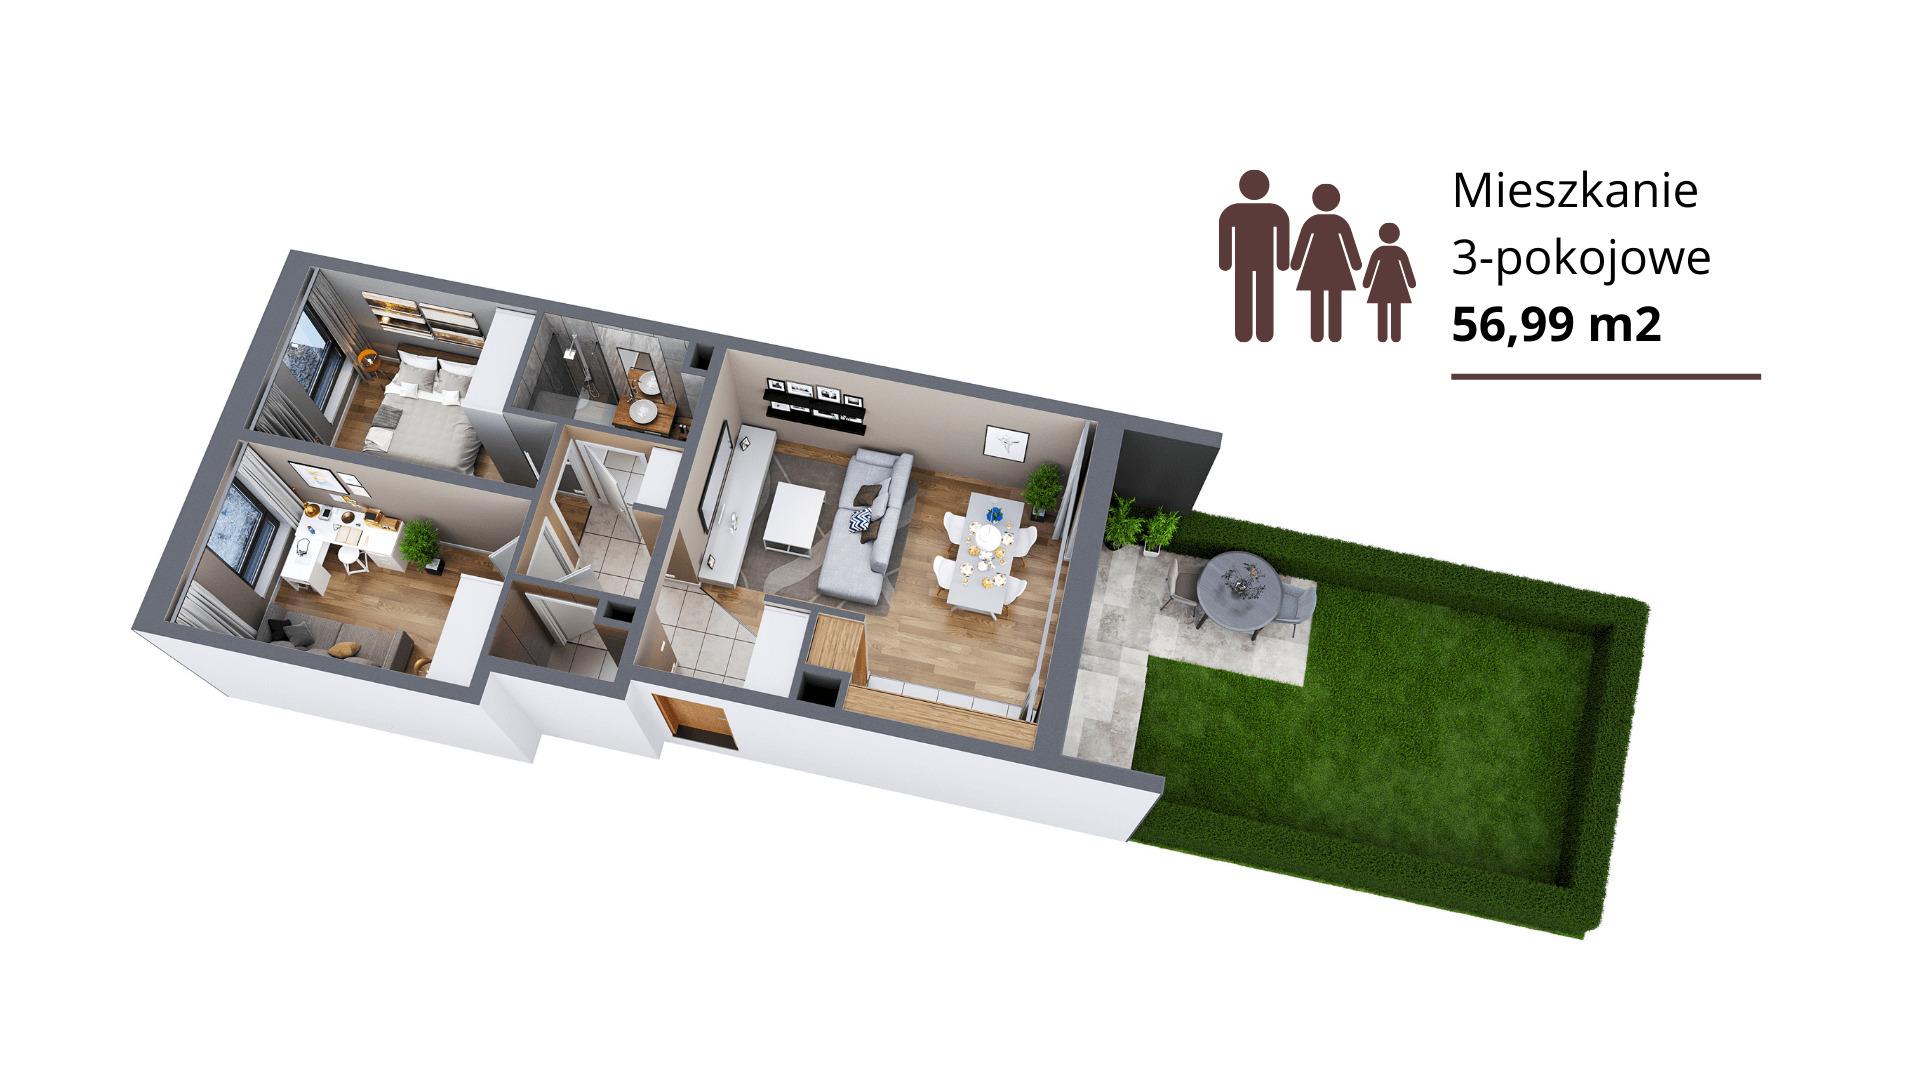 2. Mieszkanie 3-pokojowe